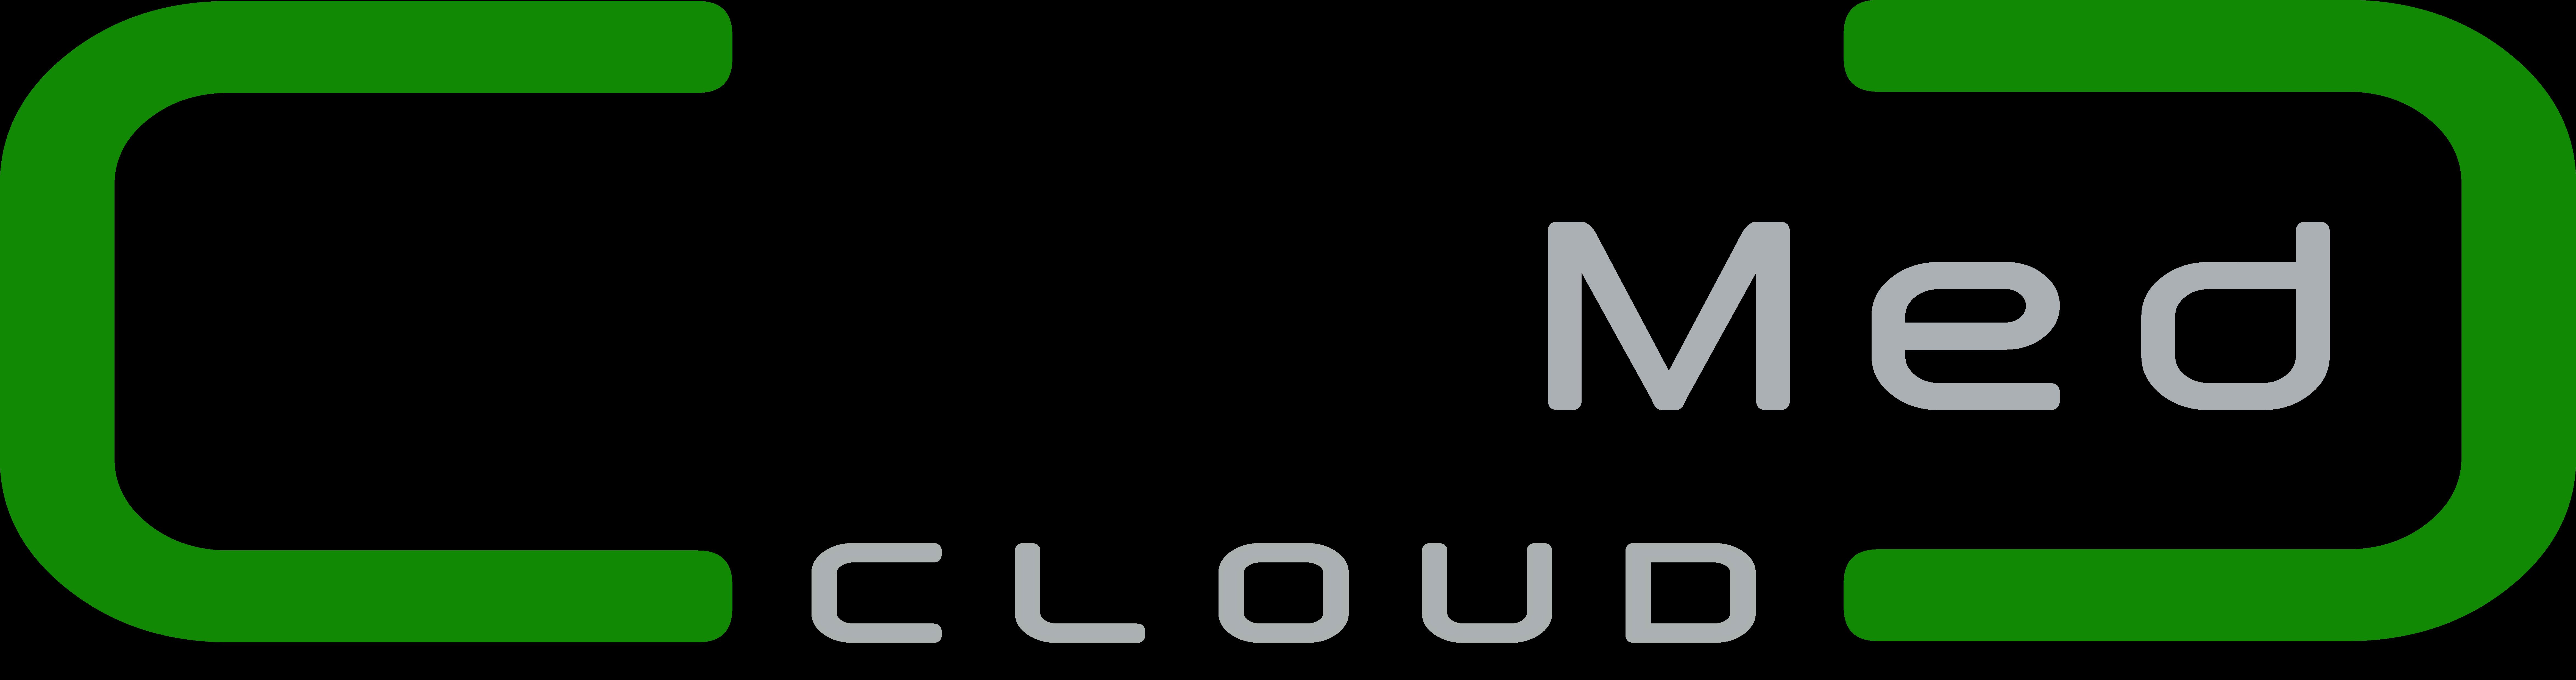 Cybermed cloud logo